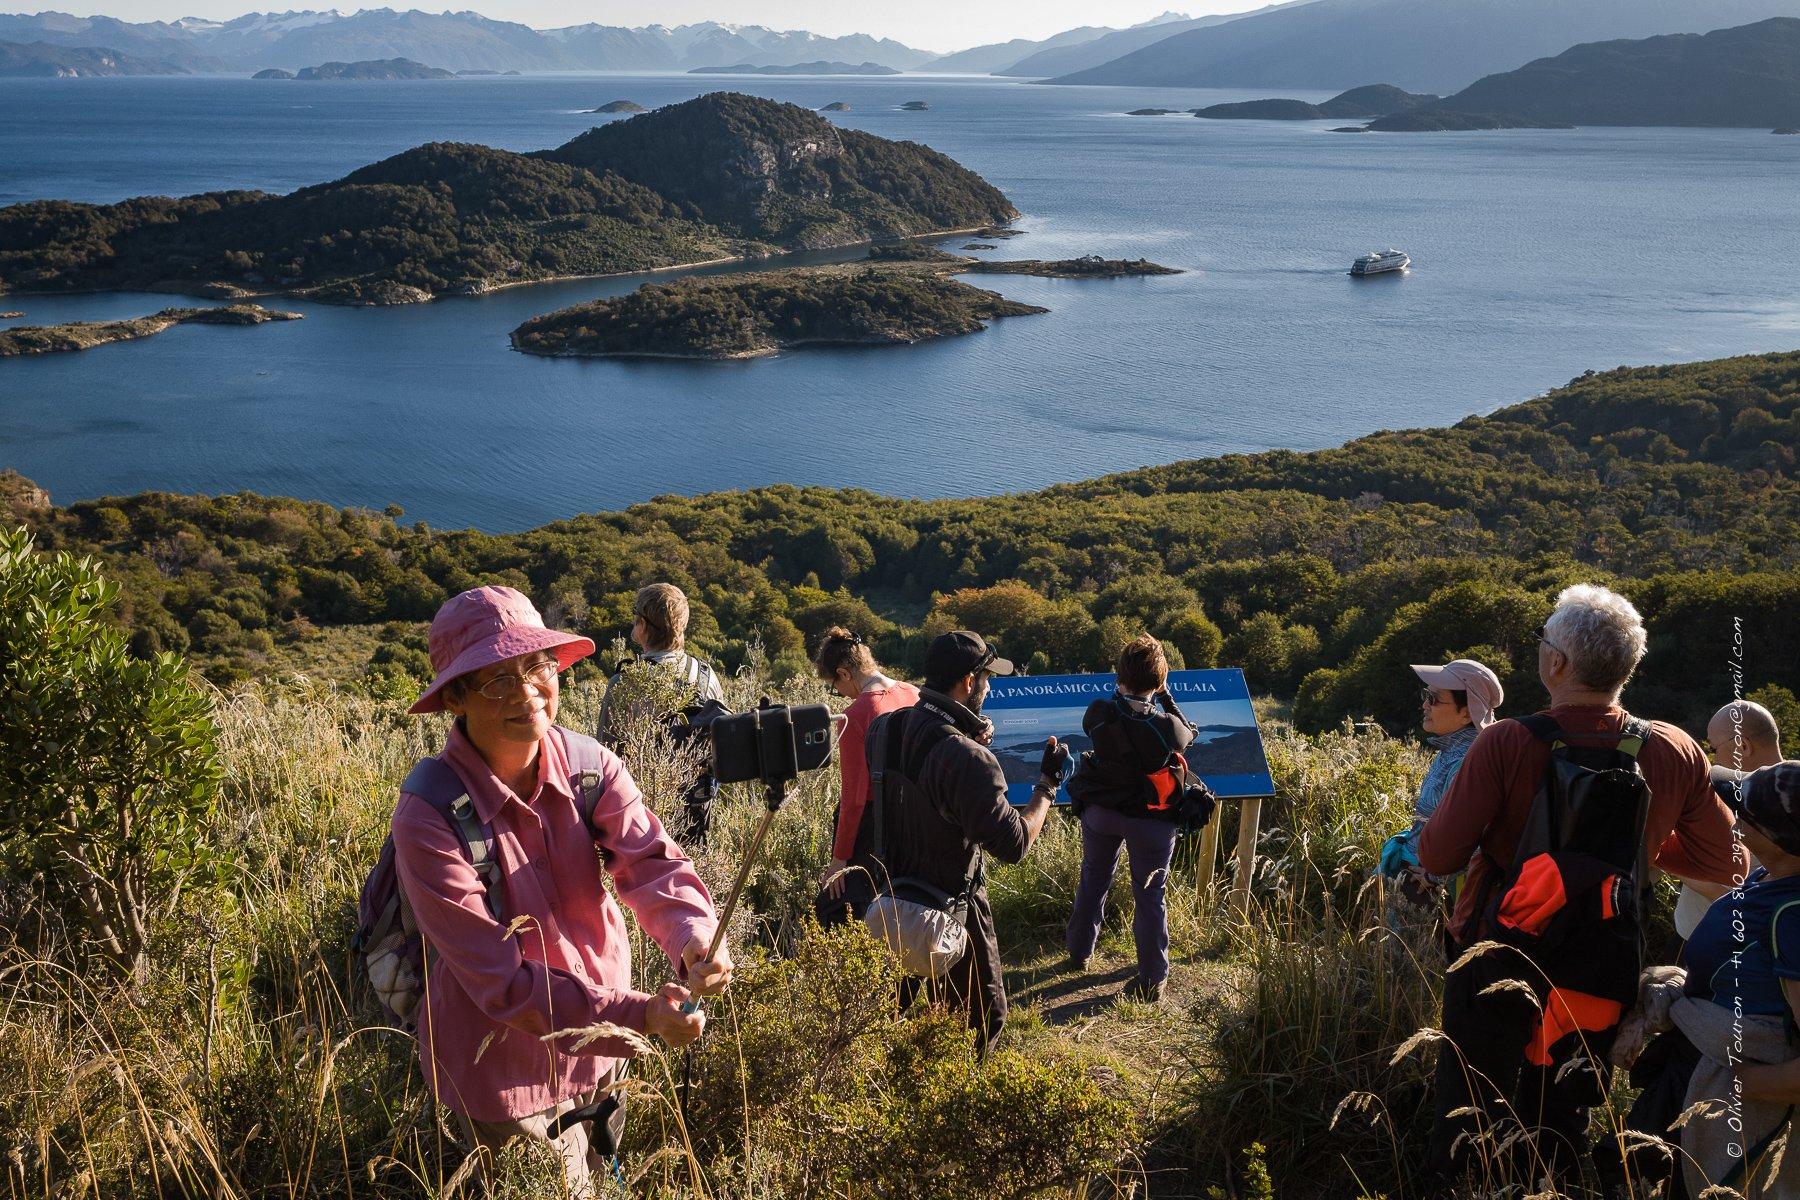 28 mars 2017. Chili.  Baie de Wulaia, haut lieu de vie des indiens Yamana décrit par Darwin et dessinée par le capitaine Fitzroy lors de leur voyage sur le HMS Beagle.                          Printemps 2017, du 23 mars au 1er avril. Croisière en Patagonie sur les traces de Magellan dans les fjords qui dessinnent le tracé de la Terre de Feu, entre Chili et Argentine, entre Punta Arenas et Ushuia, en passant par le Cap Horn, à la rencontre de ceux qui vivent de cet extreme monde, aux confins des mers. // © Olivier Touron / Divergence